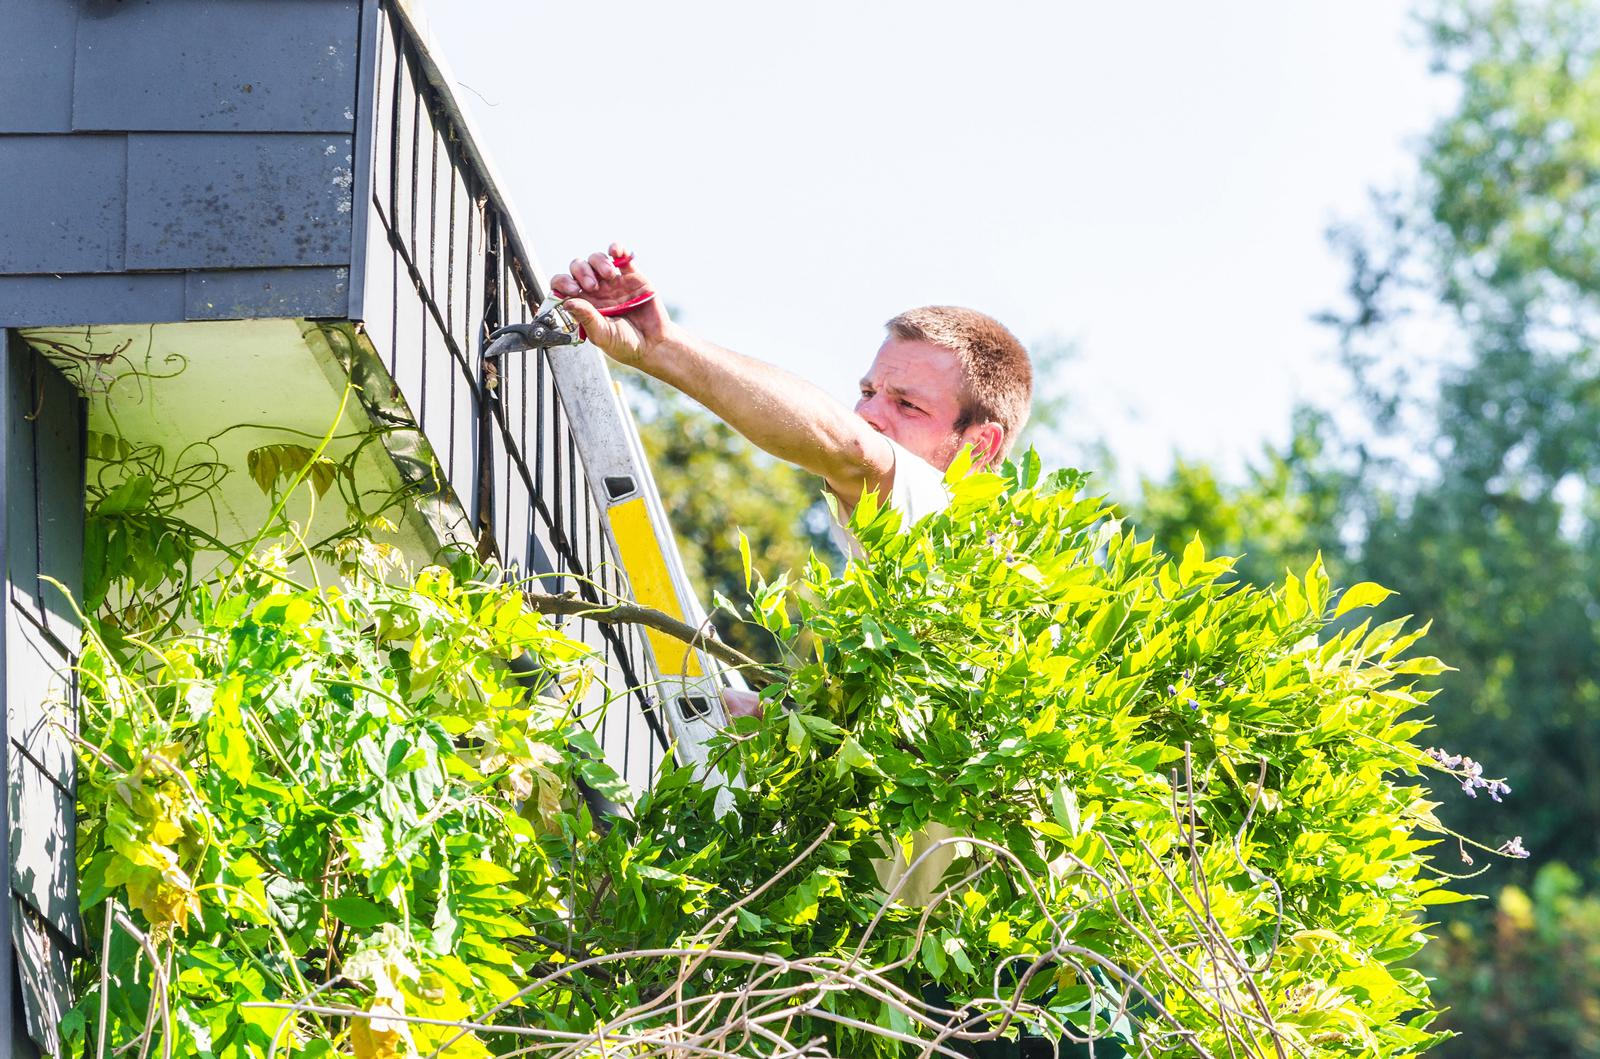 Nicht ohne Pflege: Eine regelmäßige Kontrolle kann Schäden am Haus verhindern.